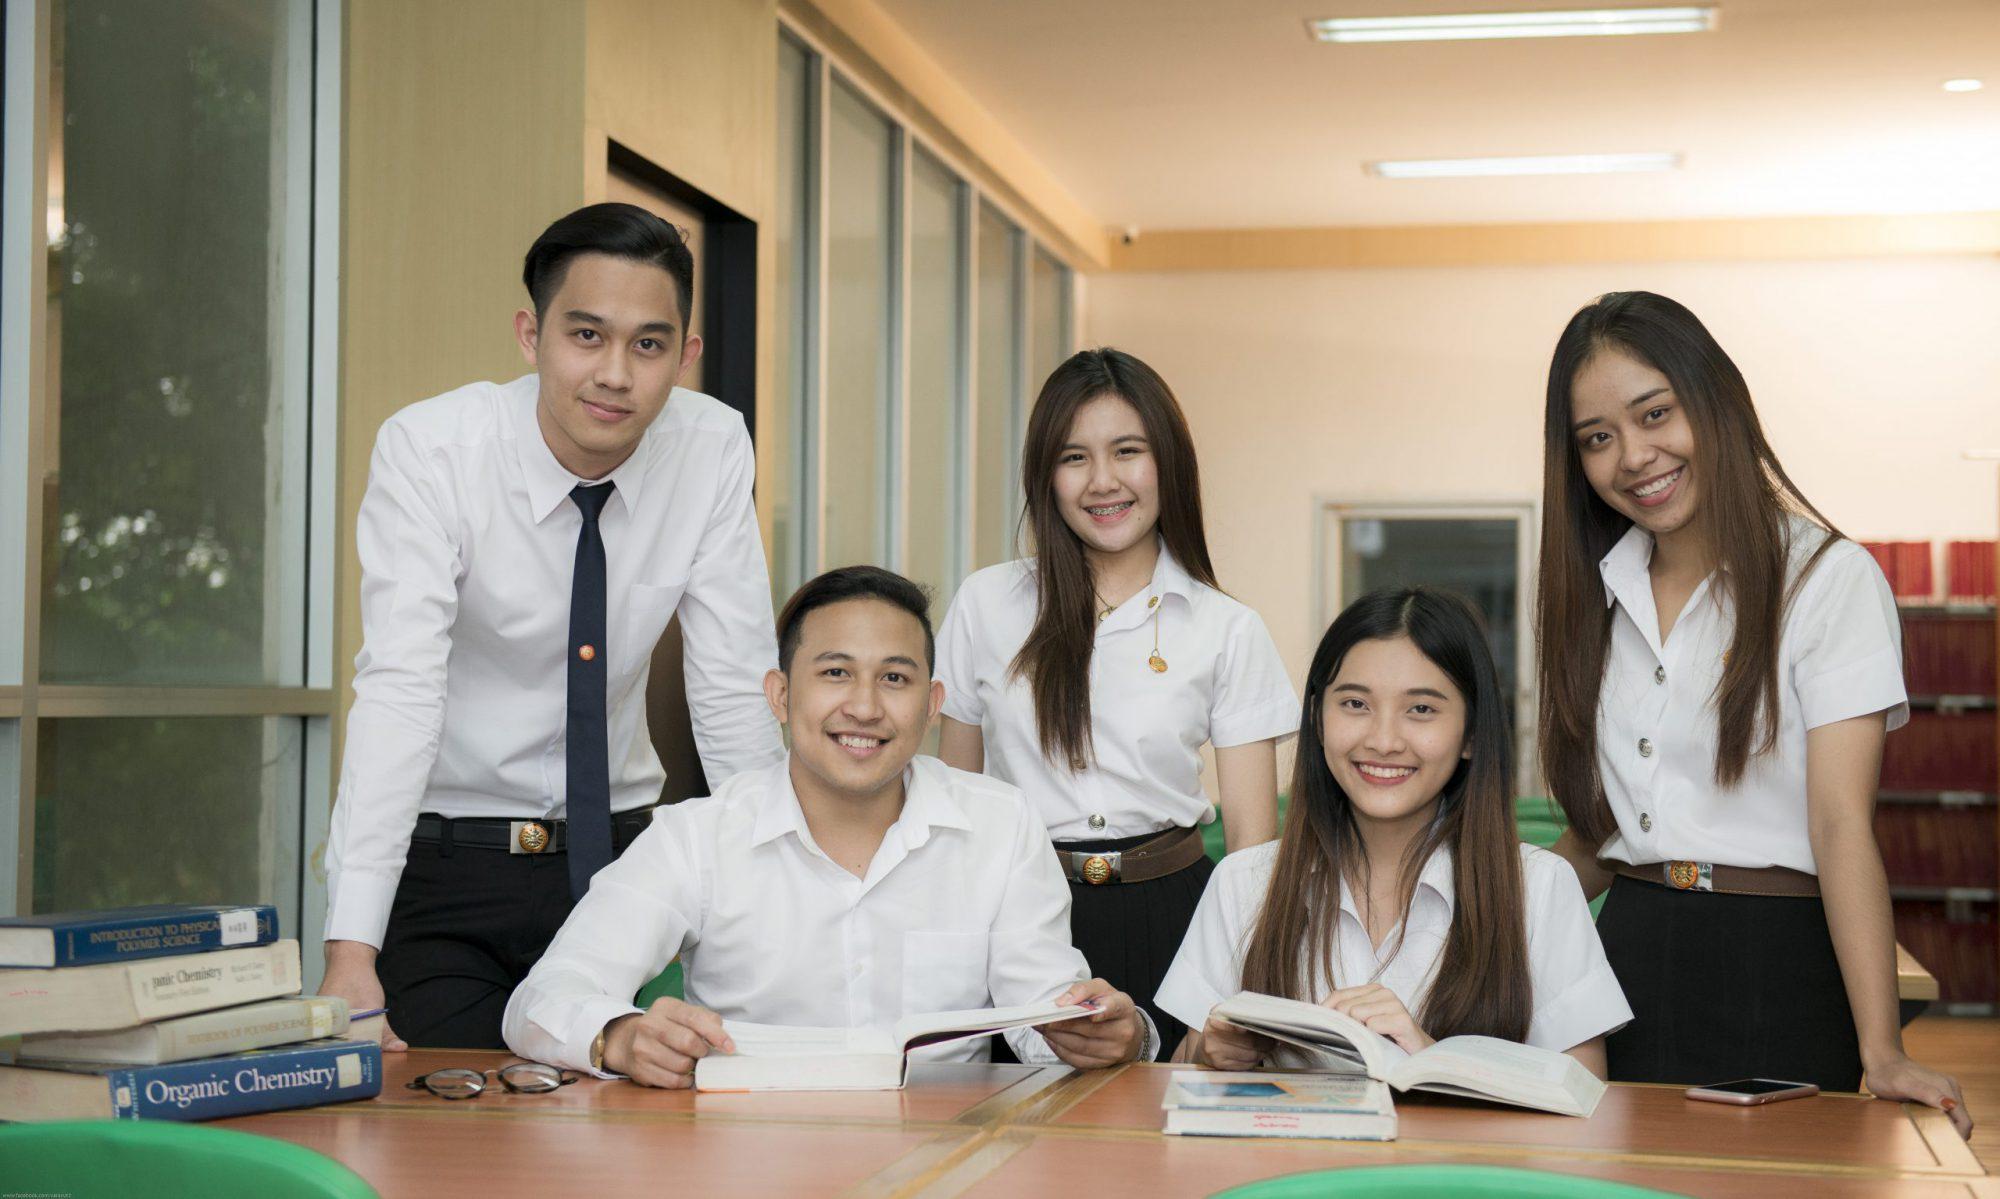 กองทุนวิศวกรแห่งธรรม เพื่อพัฒนาการศึกษา